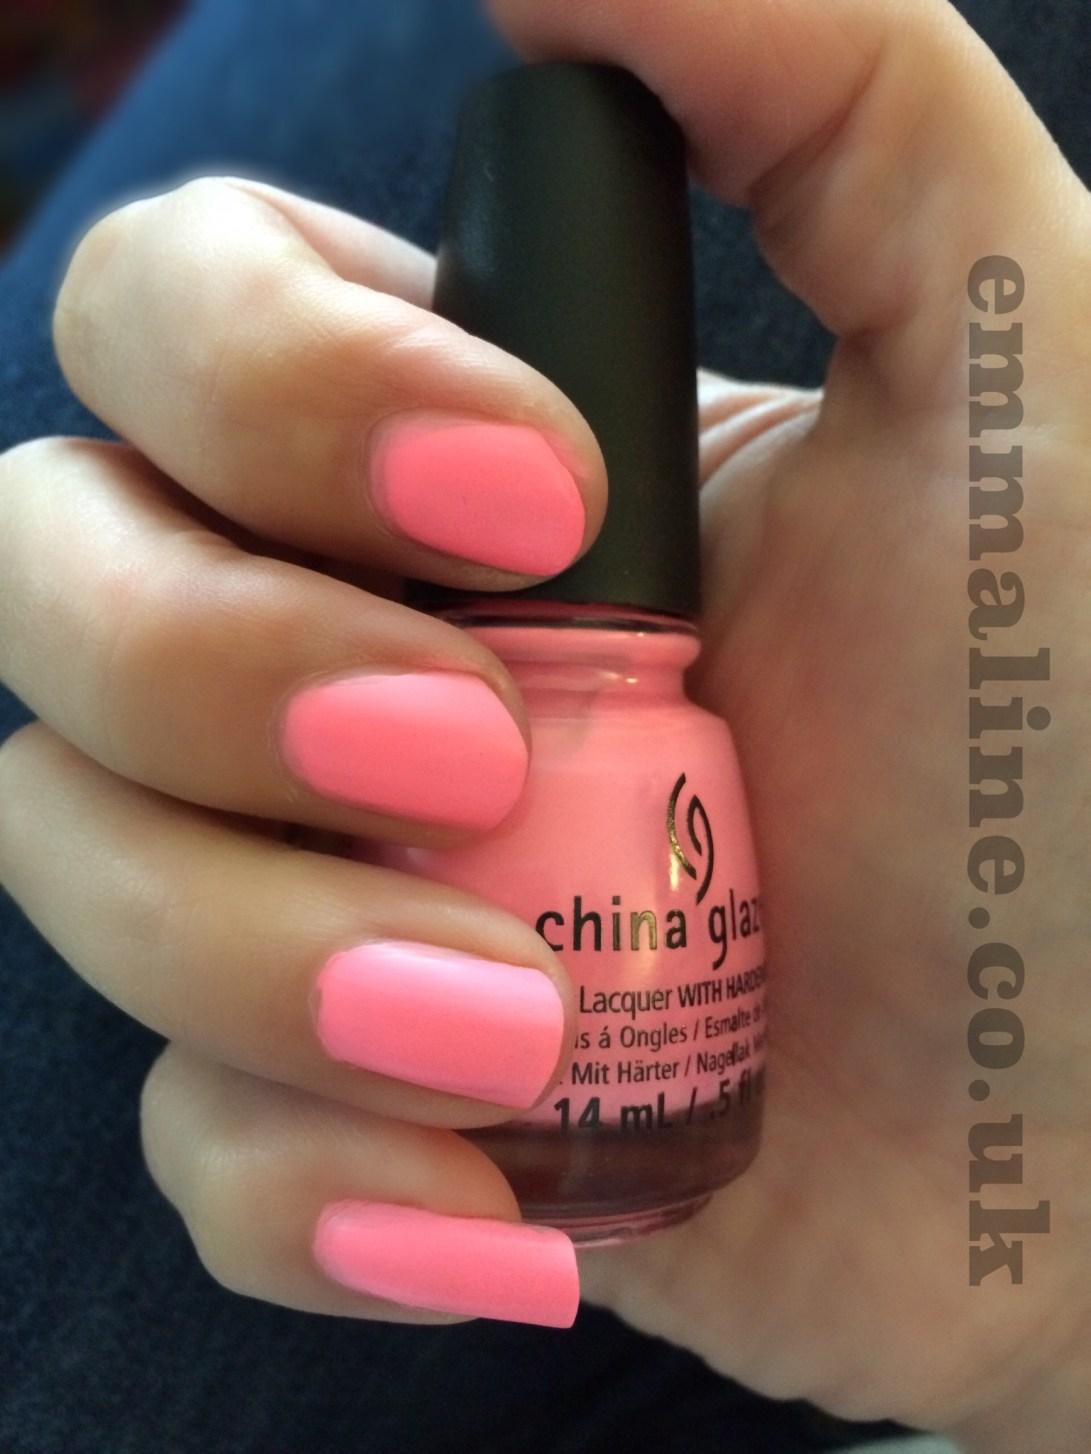 Pink China glaze nail varnish